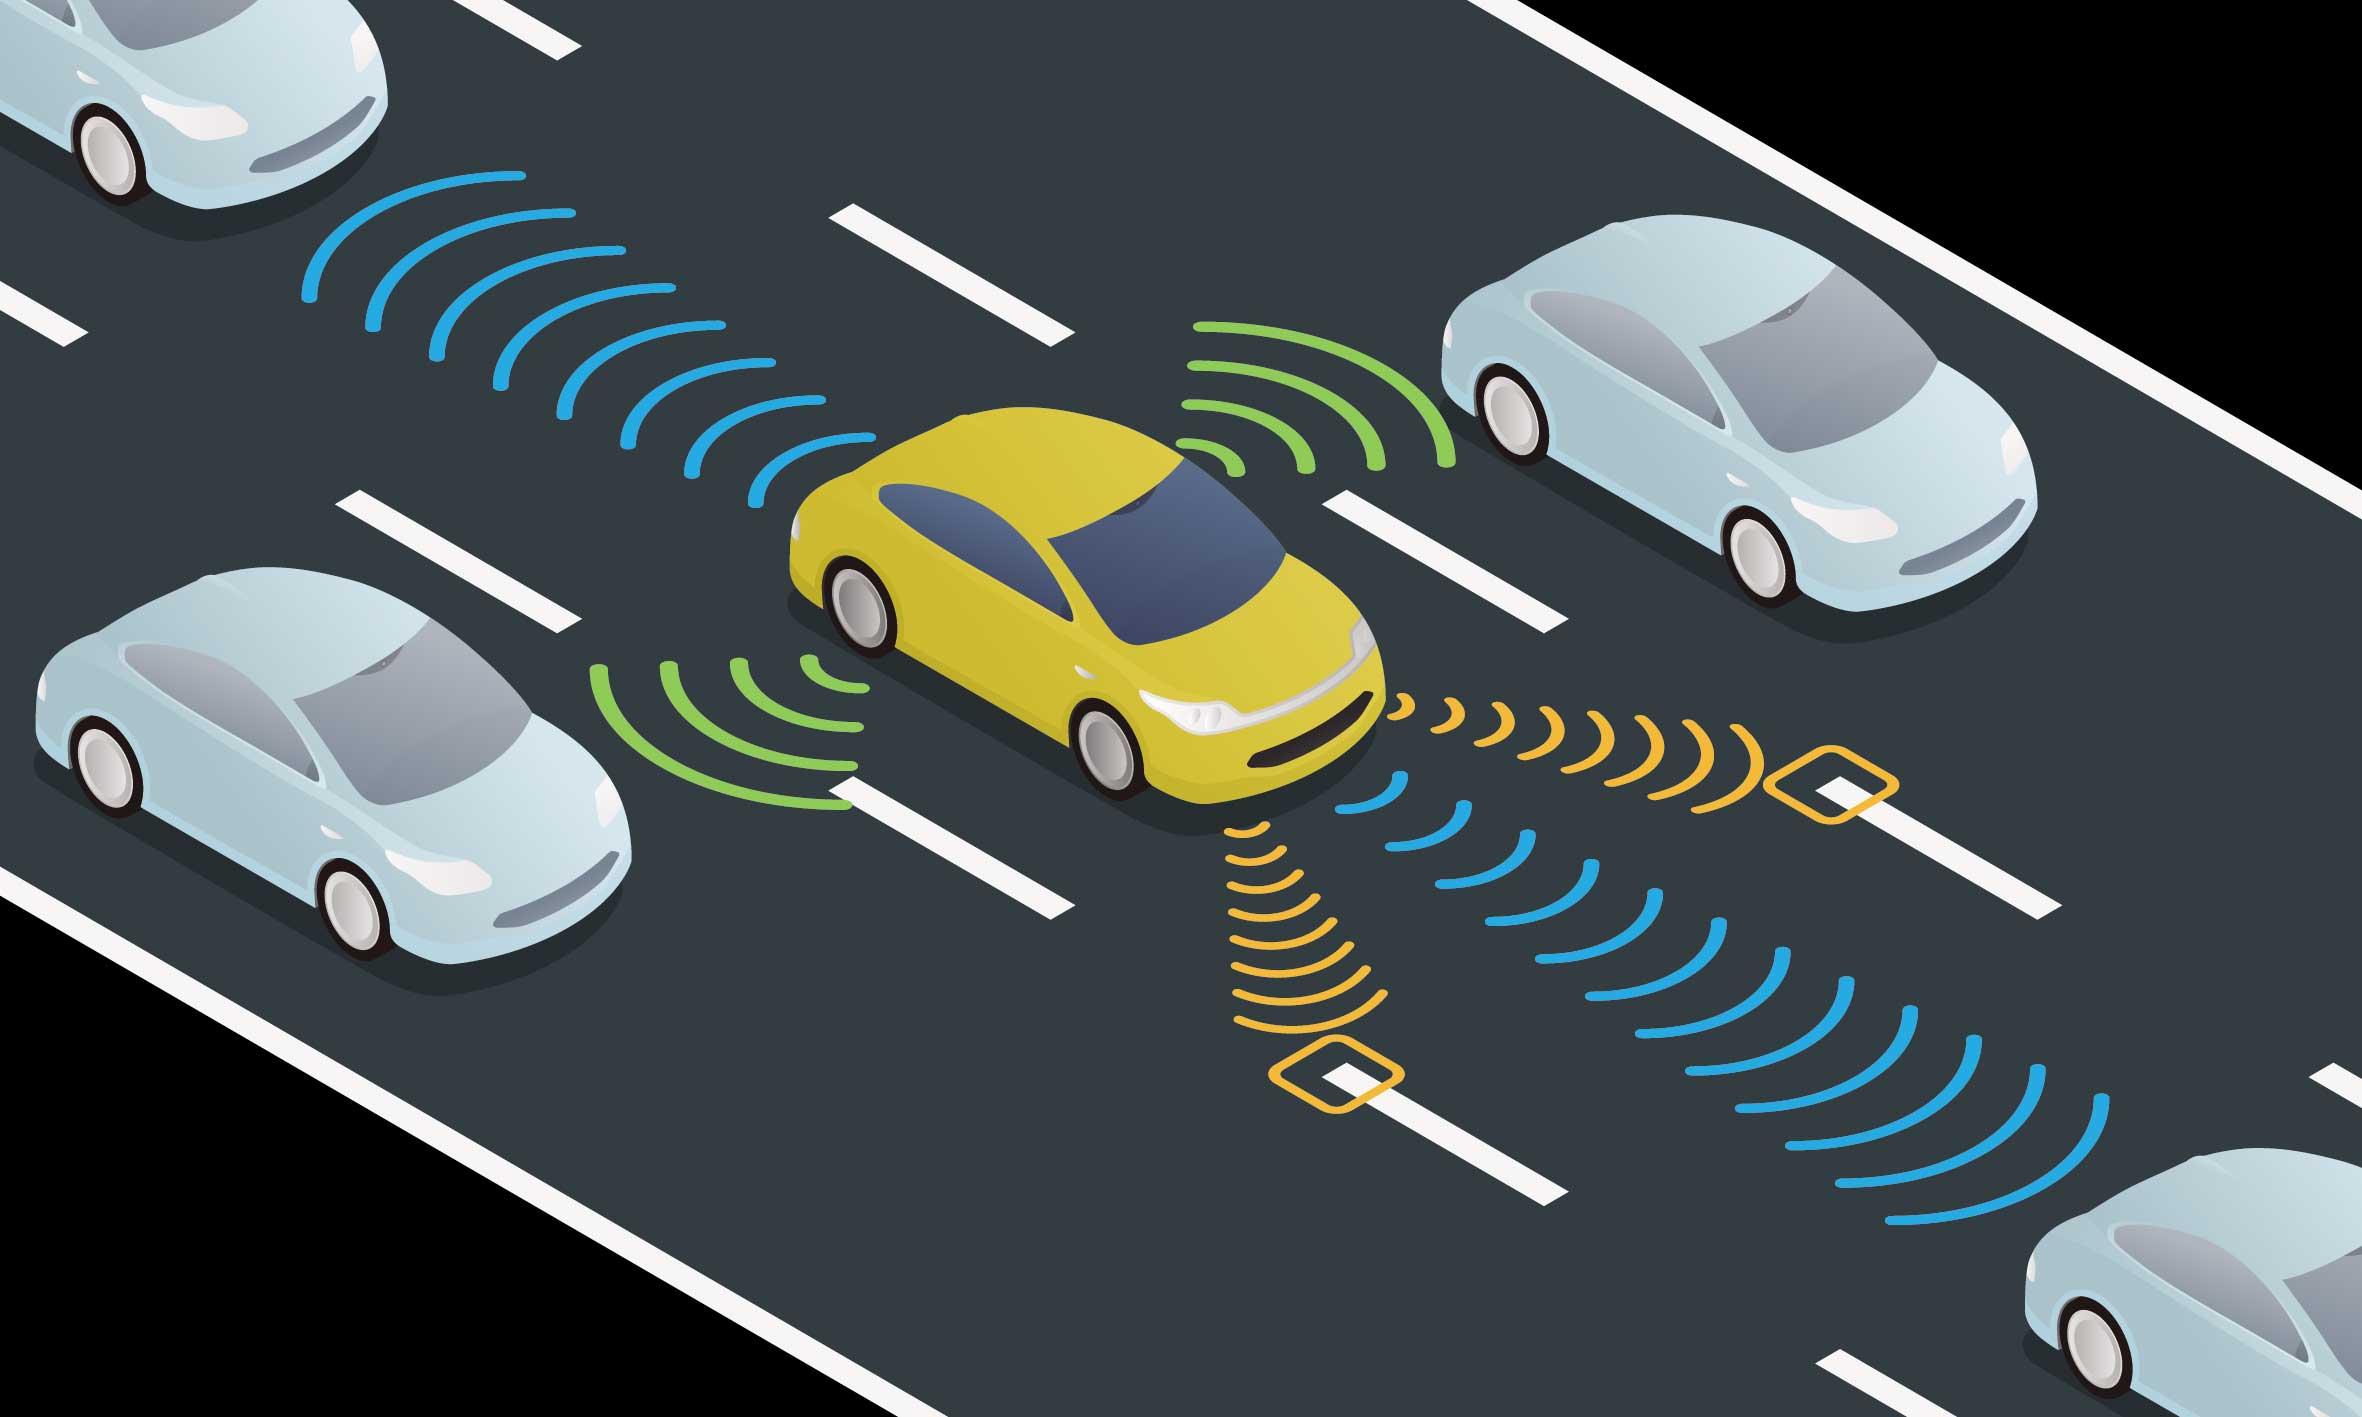 Transportation planners factoring in autonomous vehicles